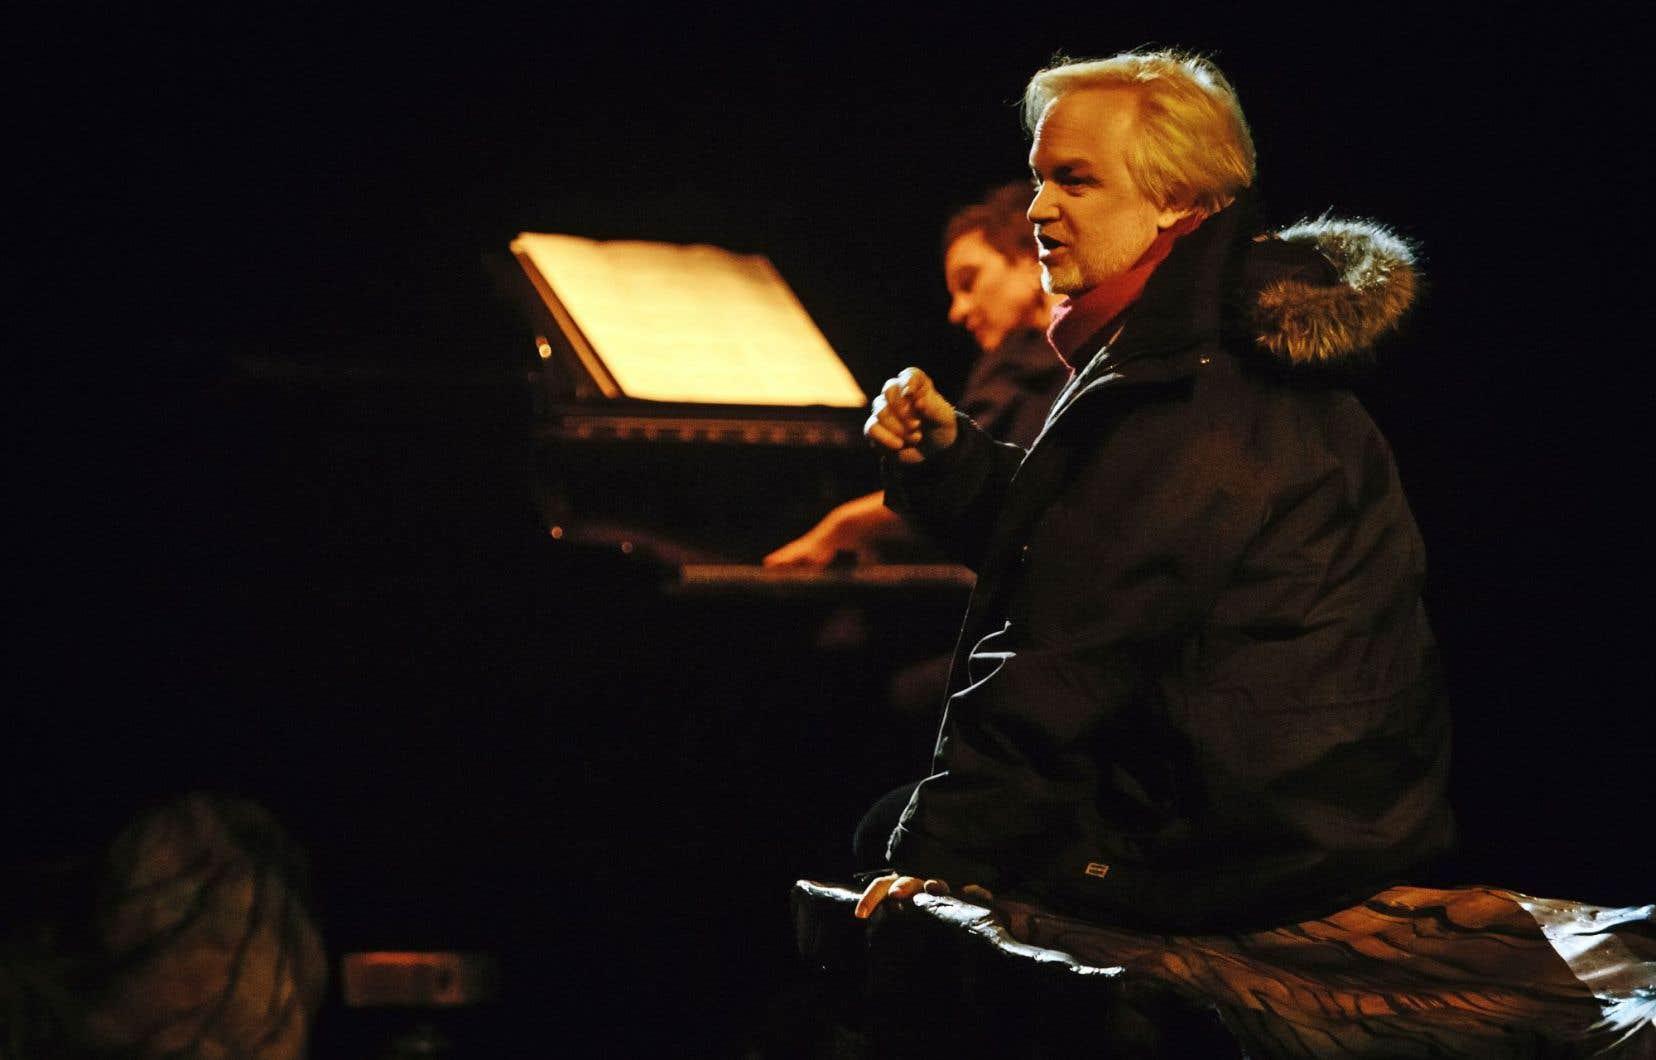 Pendant Norge, Kevin McCoy est accompagné en musique par la pianiste Esther Charron.